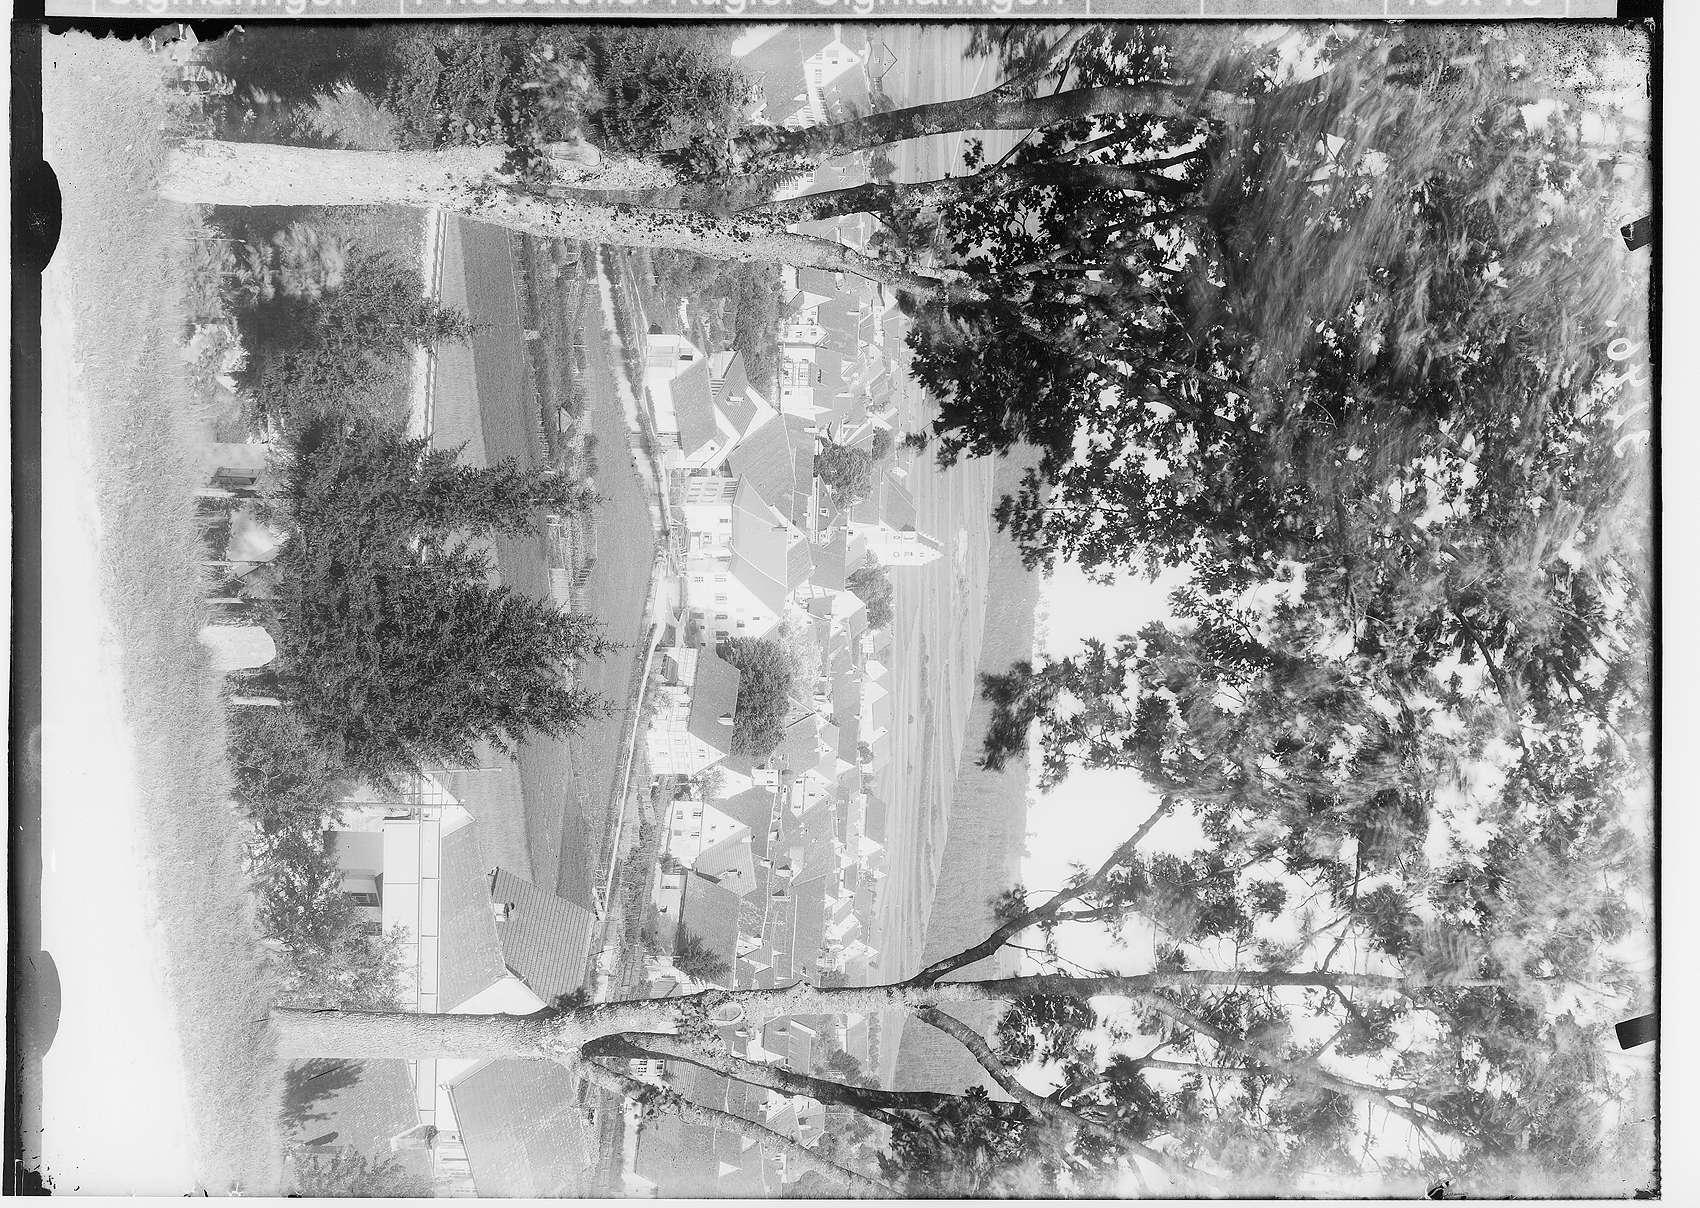 Gammertingen um 1933, alte Turnhalle bis 1985 (Abbruch), altes Schwimmbad 1934 durch die SA angelegt, 1976 eingeebnet, Hallenbadneubau in Sigmaringerstraße 1979, Stadtmühle, Haus Kromer erweitert 1960 und 1980, Haus Zeiter, Scheuer auf Stadtmauer aufsitzend, 1980 Umbau zu Zweifamilien-Wohnhaus, St. Michaelskapelle, mundartlich